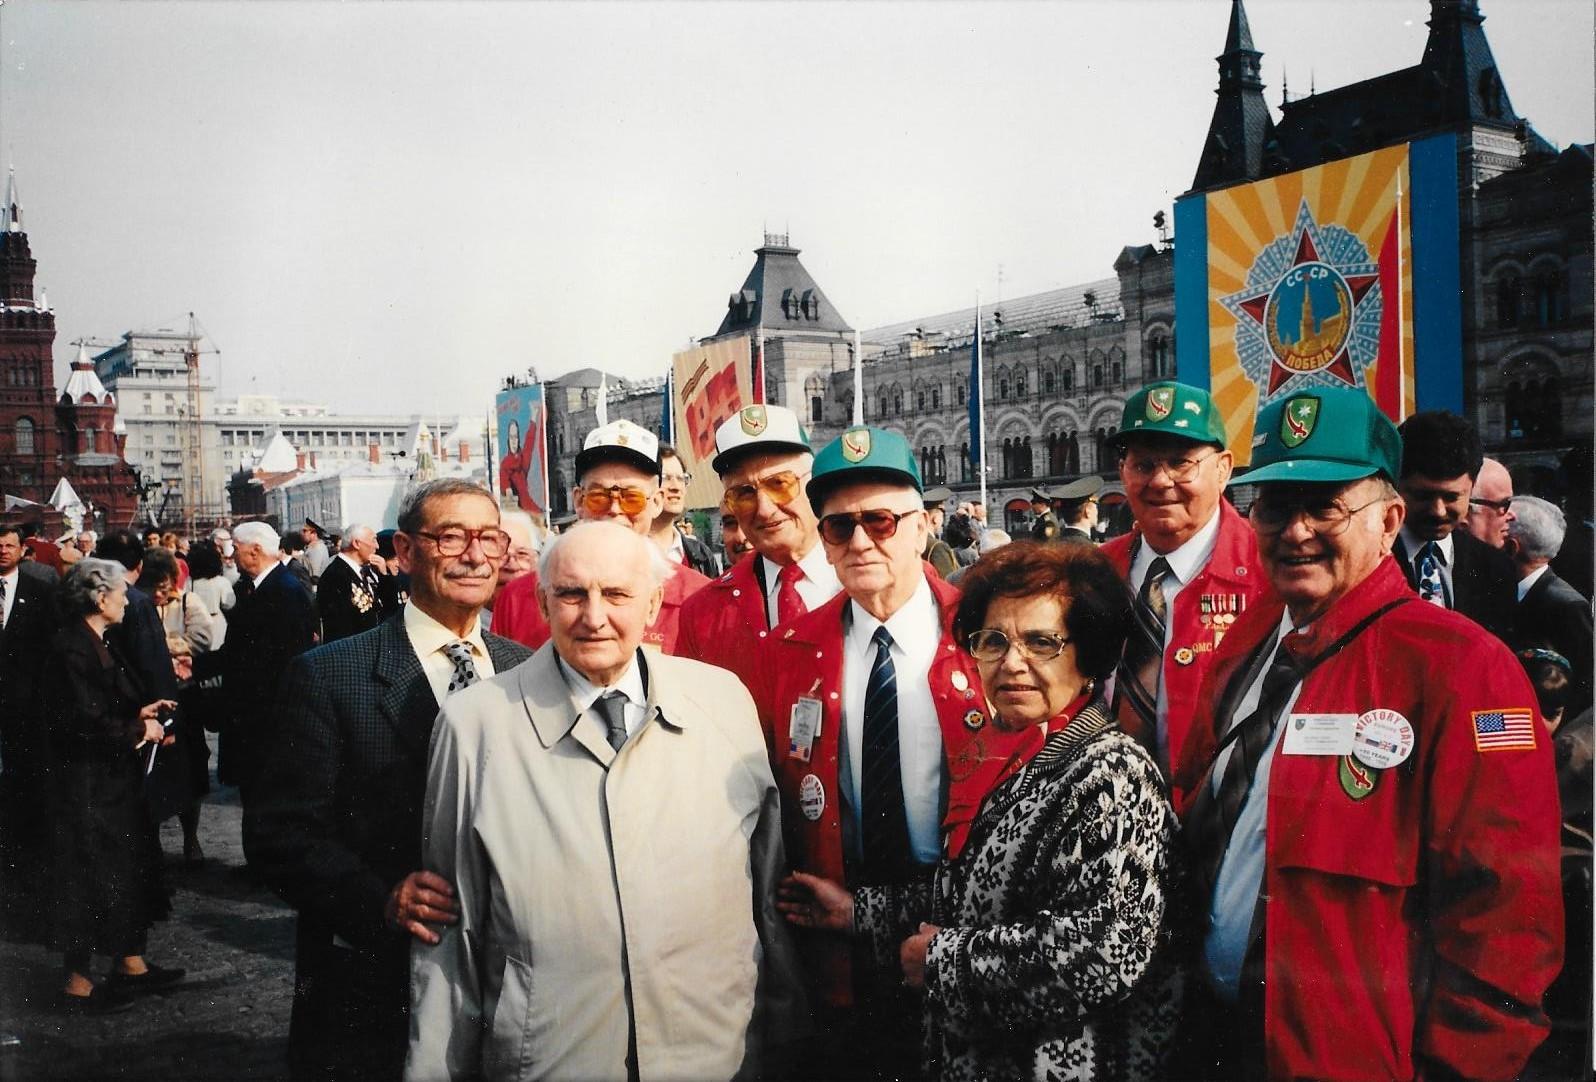 Boldrini con 5 veterani statunitensi in Piazza Rossa a Mosca, 1995